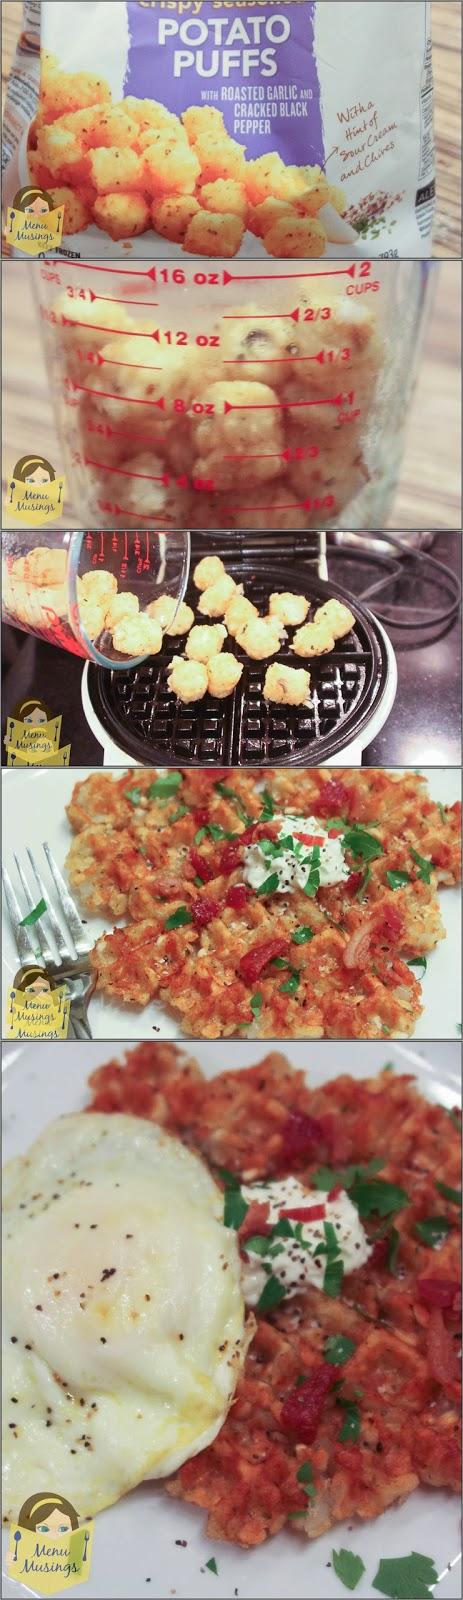 http://menumusings.blogspot.com/2014/01/waffle-iron-tater-tot-hash-browns.html